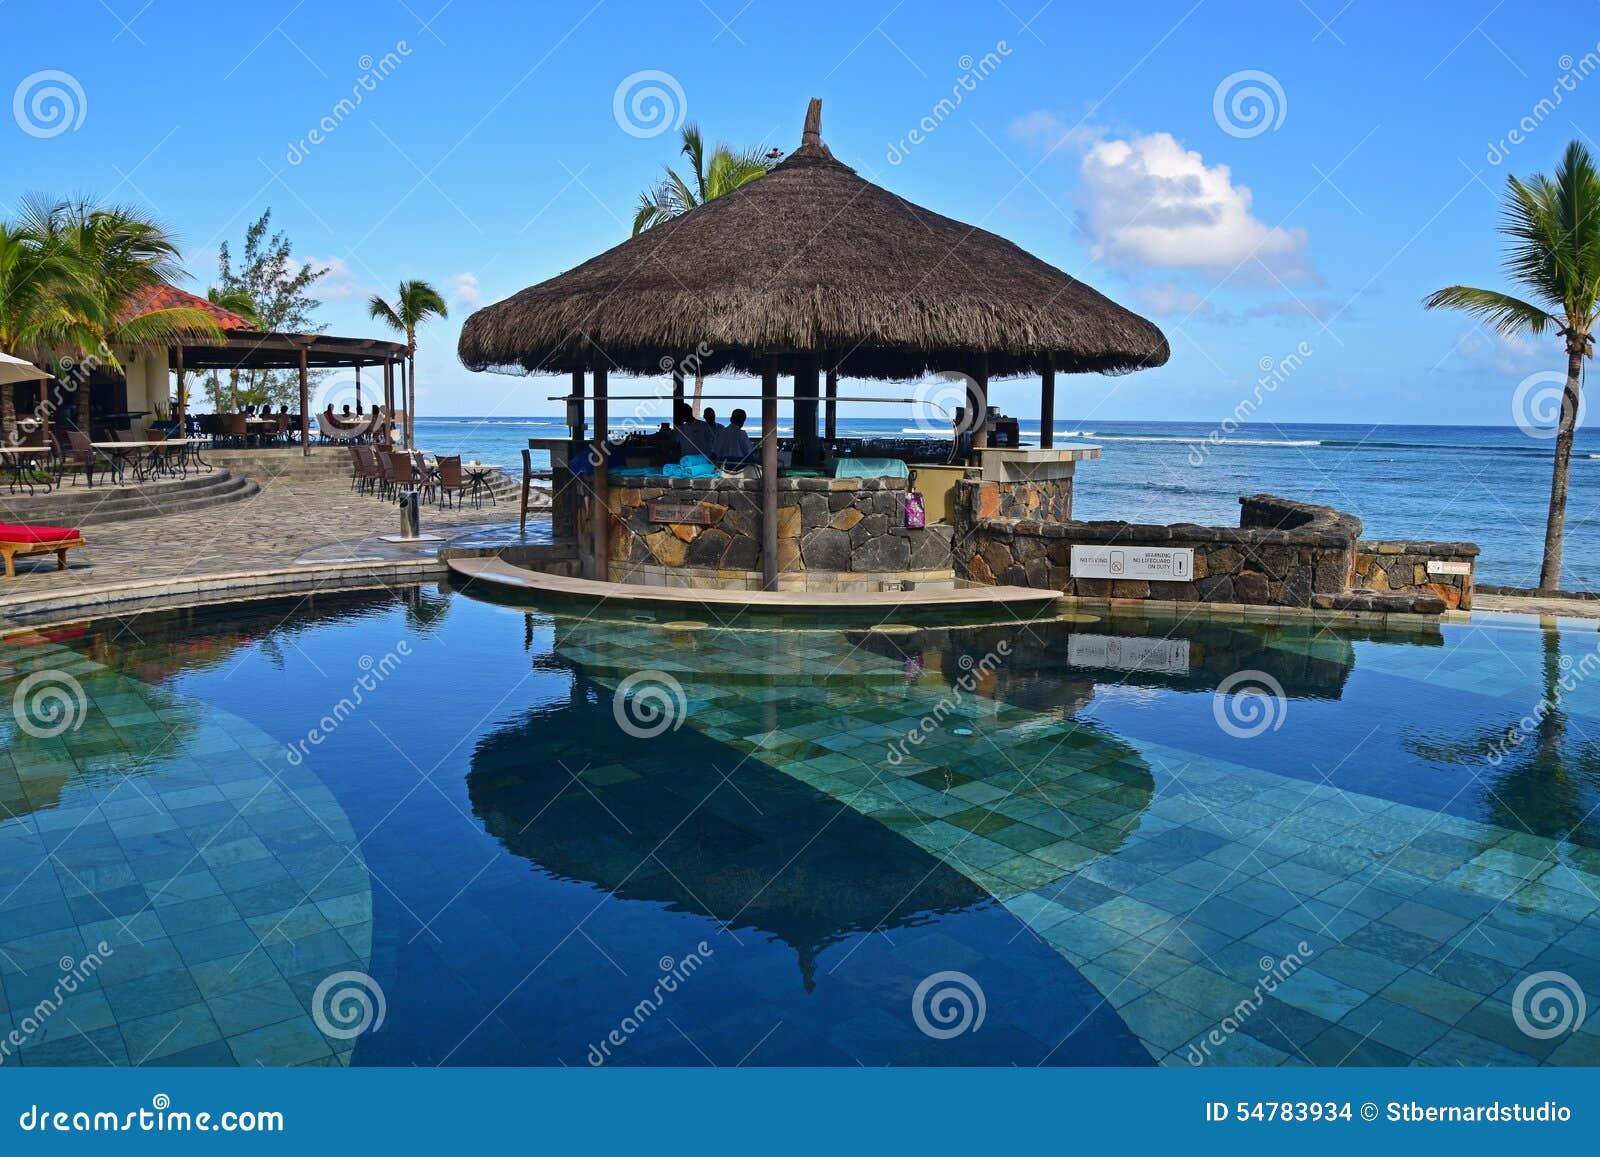 Barra do miradouro ao lado de uma associação na praia tropical de um recurso do hotel